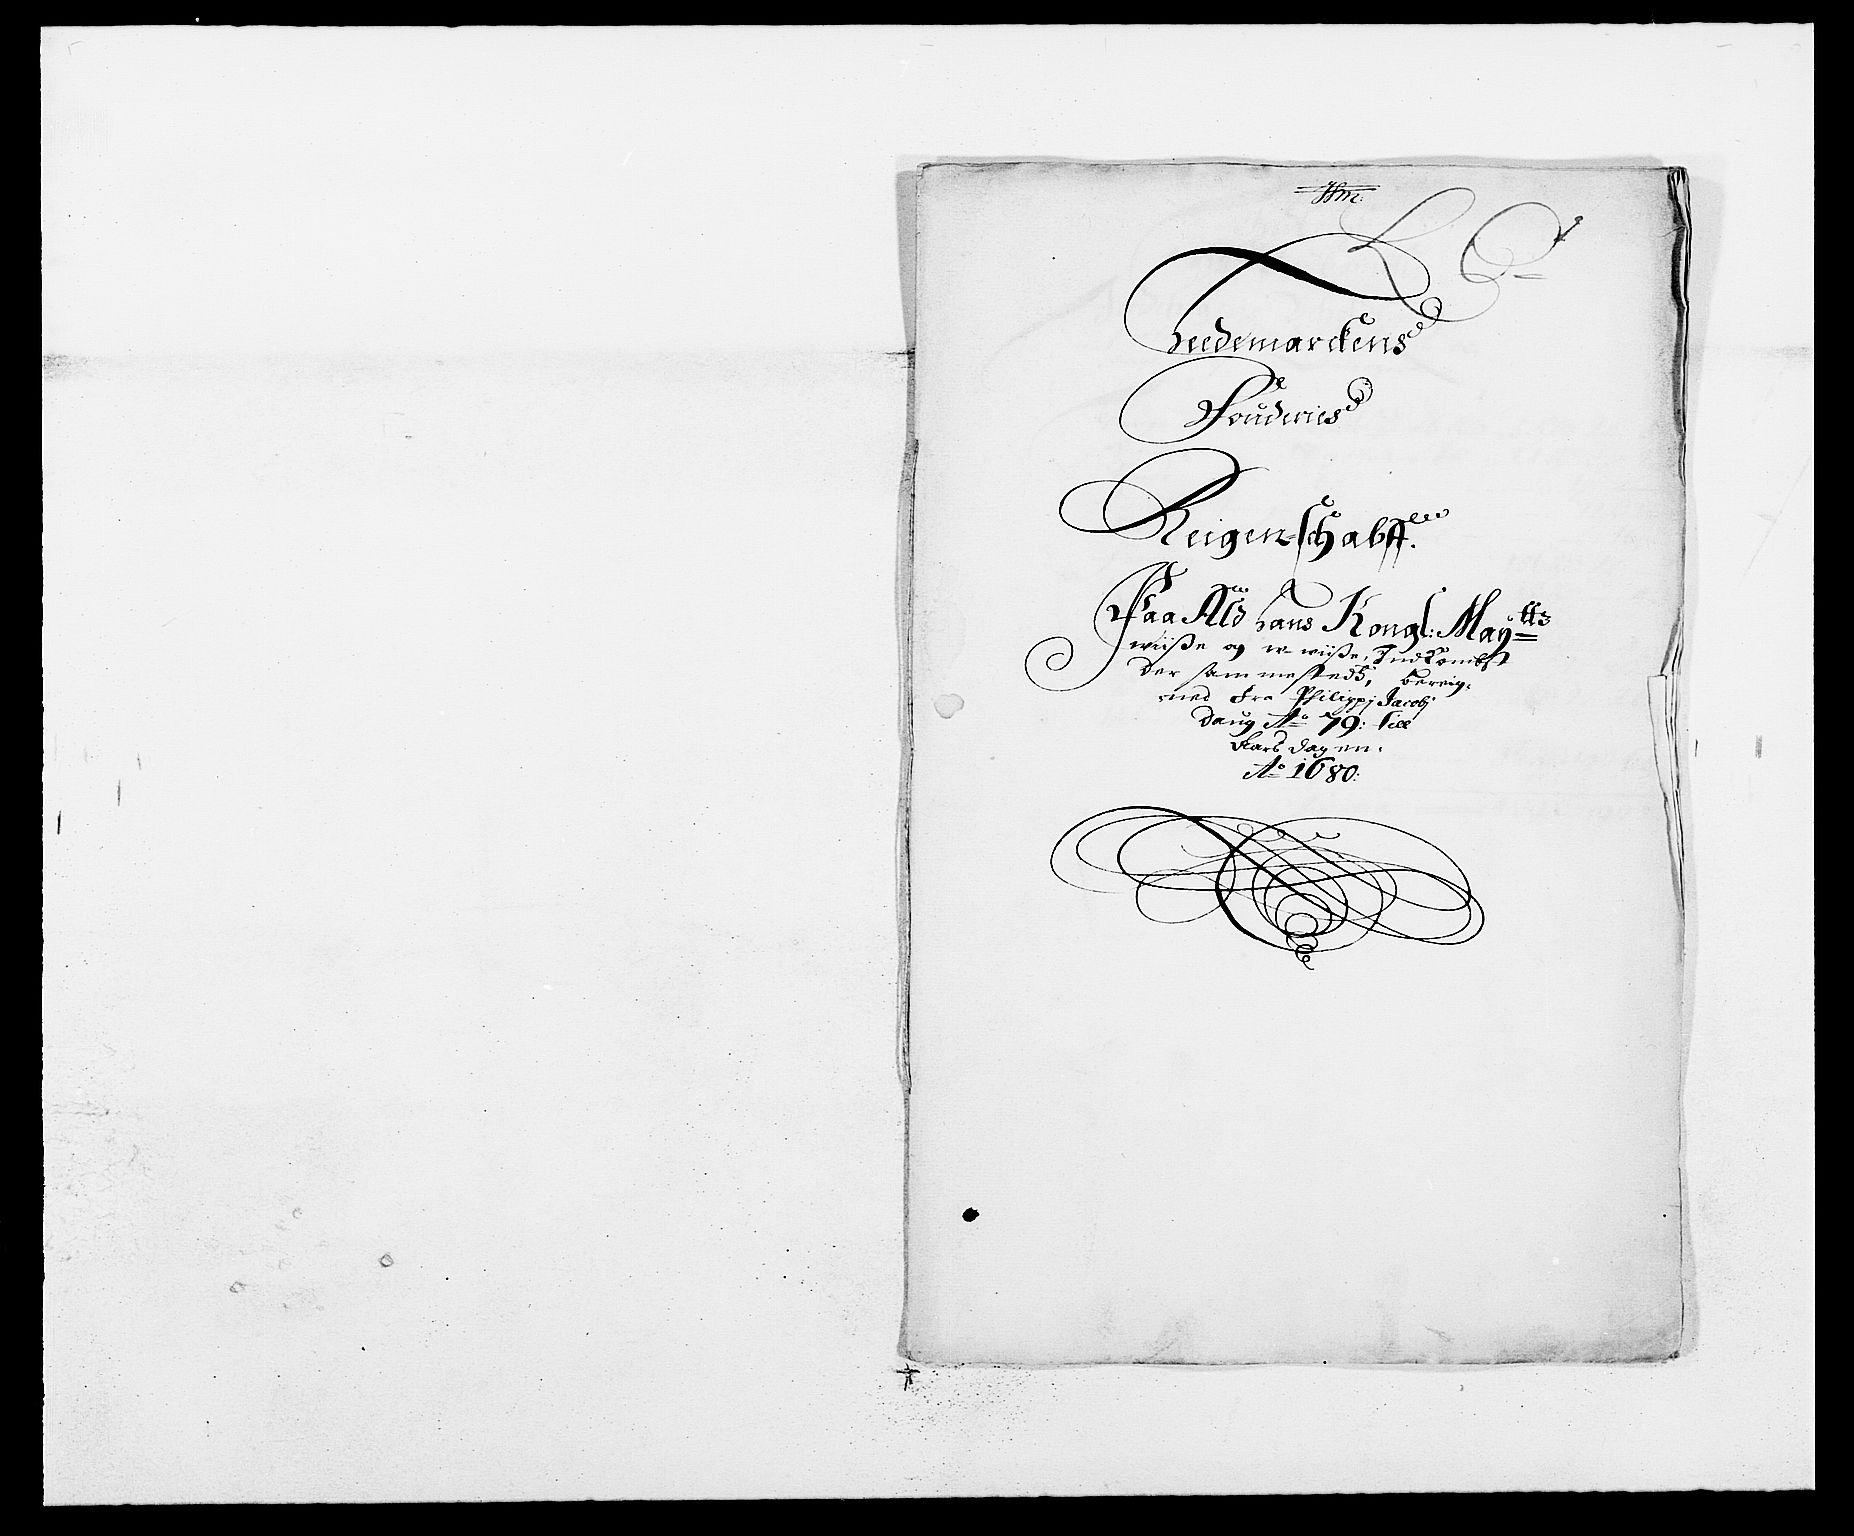 RA, Rentekammeret inntil 1814, Reviderte regnskaper, Fogderegnskap, R16/L1018: Fogderegnskap Hedmark, 1678-1679, s. 2